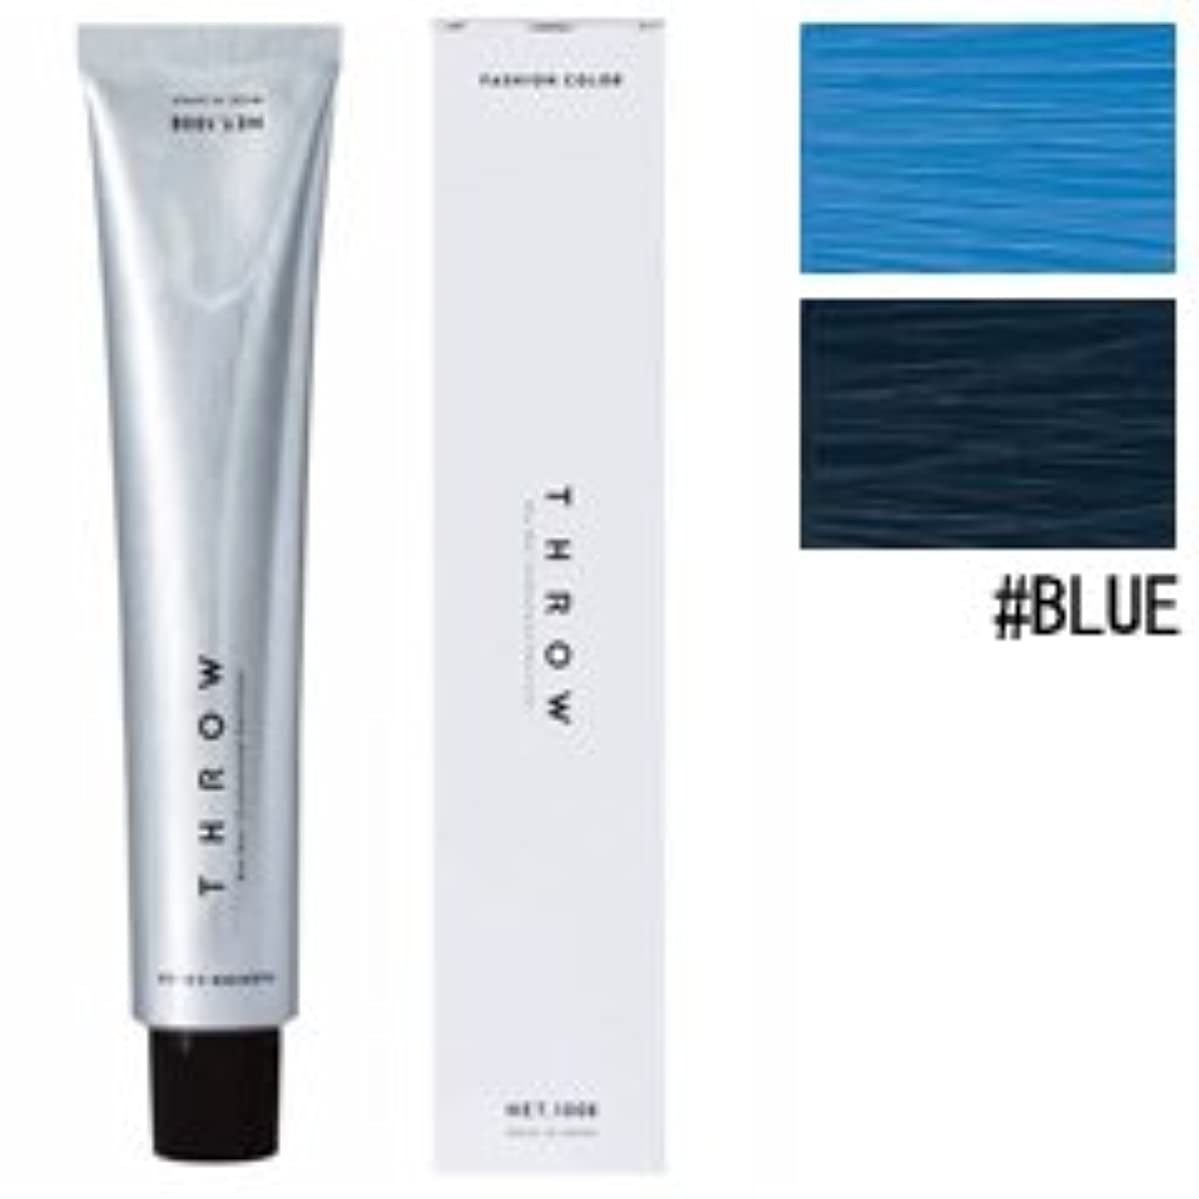 洗剤キャンセル魔女【モルトベーネ】スロウ ファッションカラー #BLUE 100g